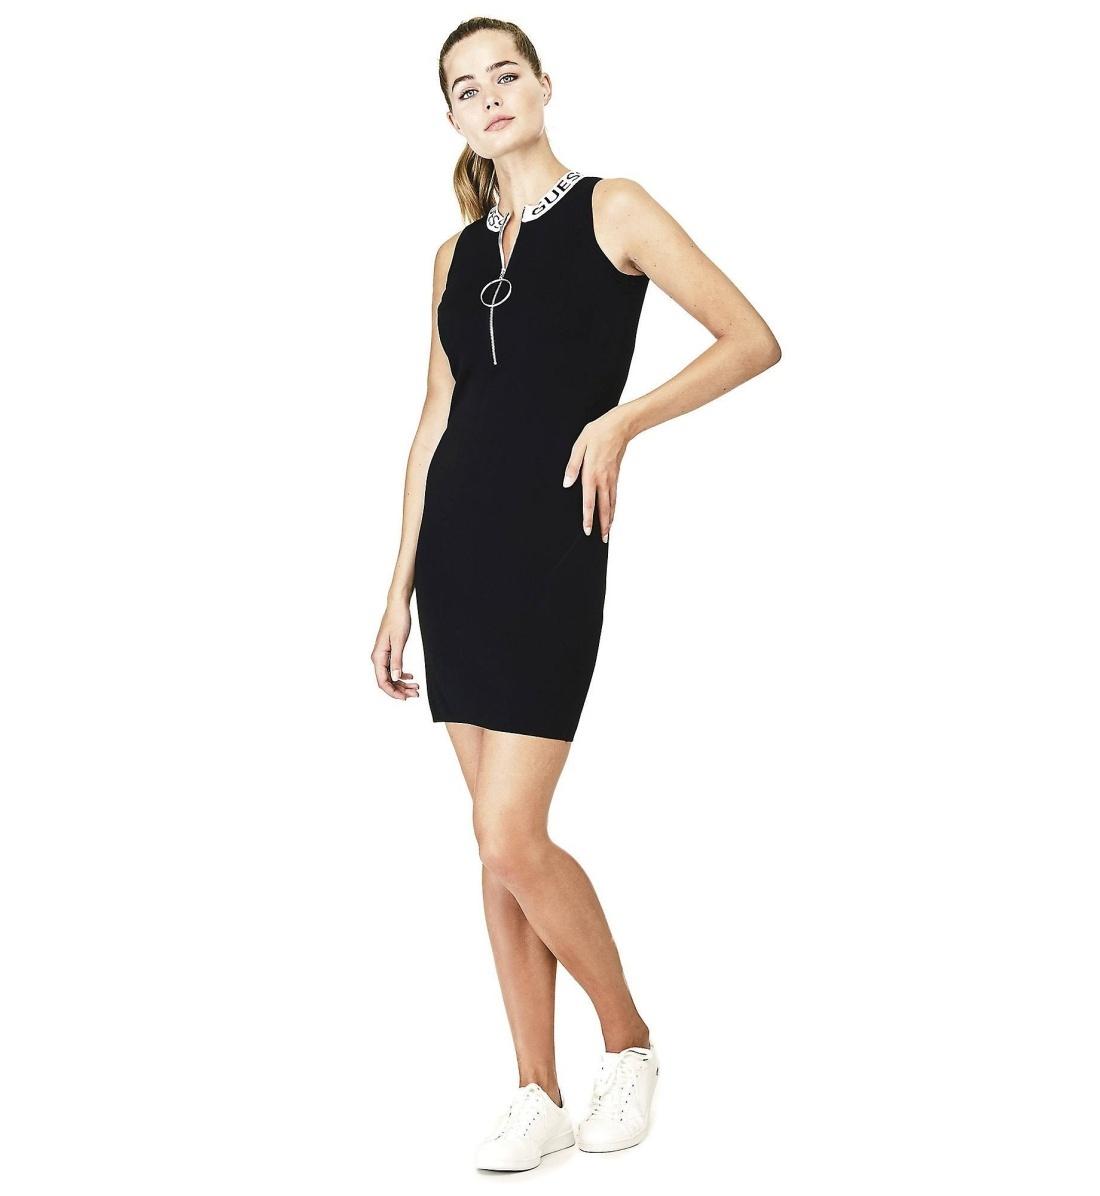 Guess dámské černé šaty - Mode.cz 0b5ec31ea1